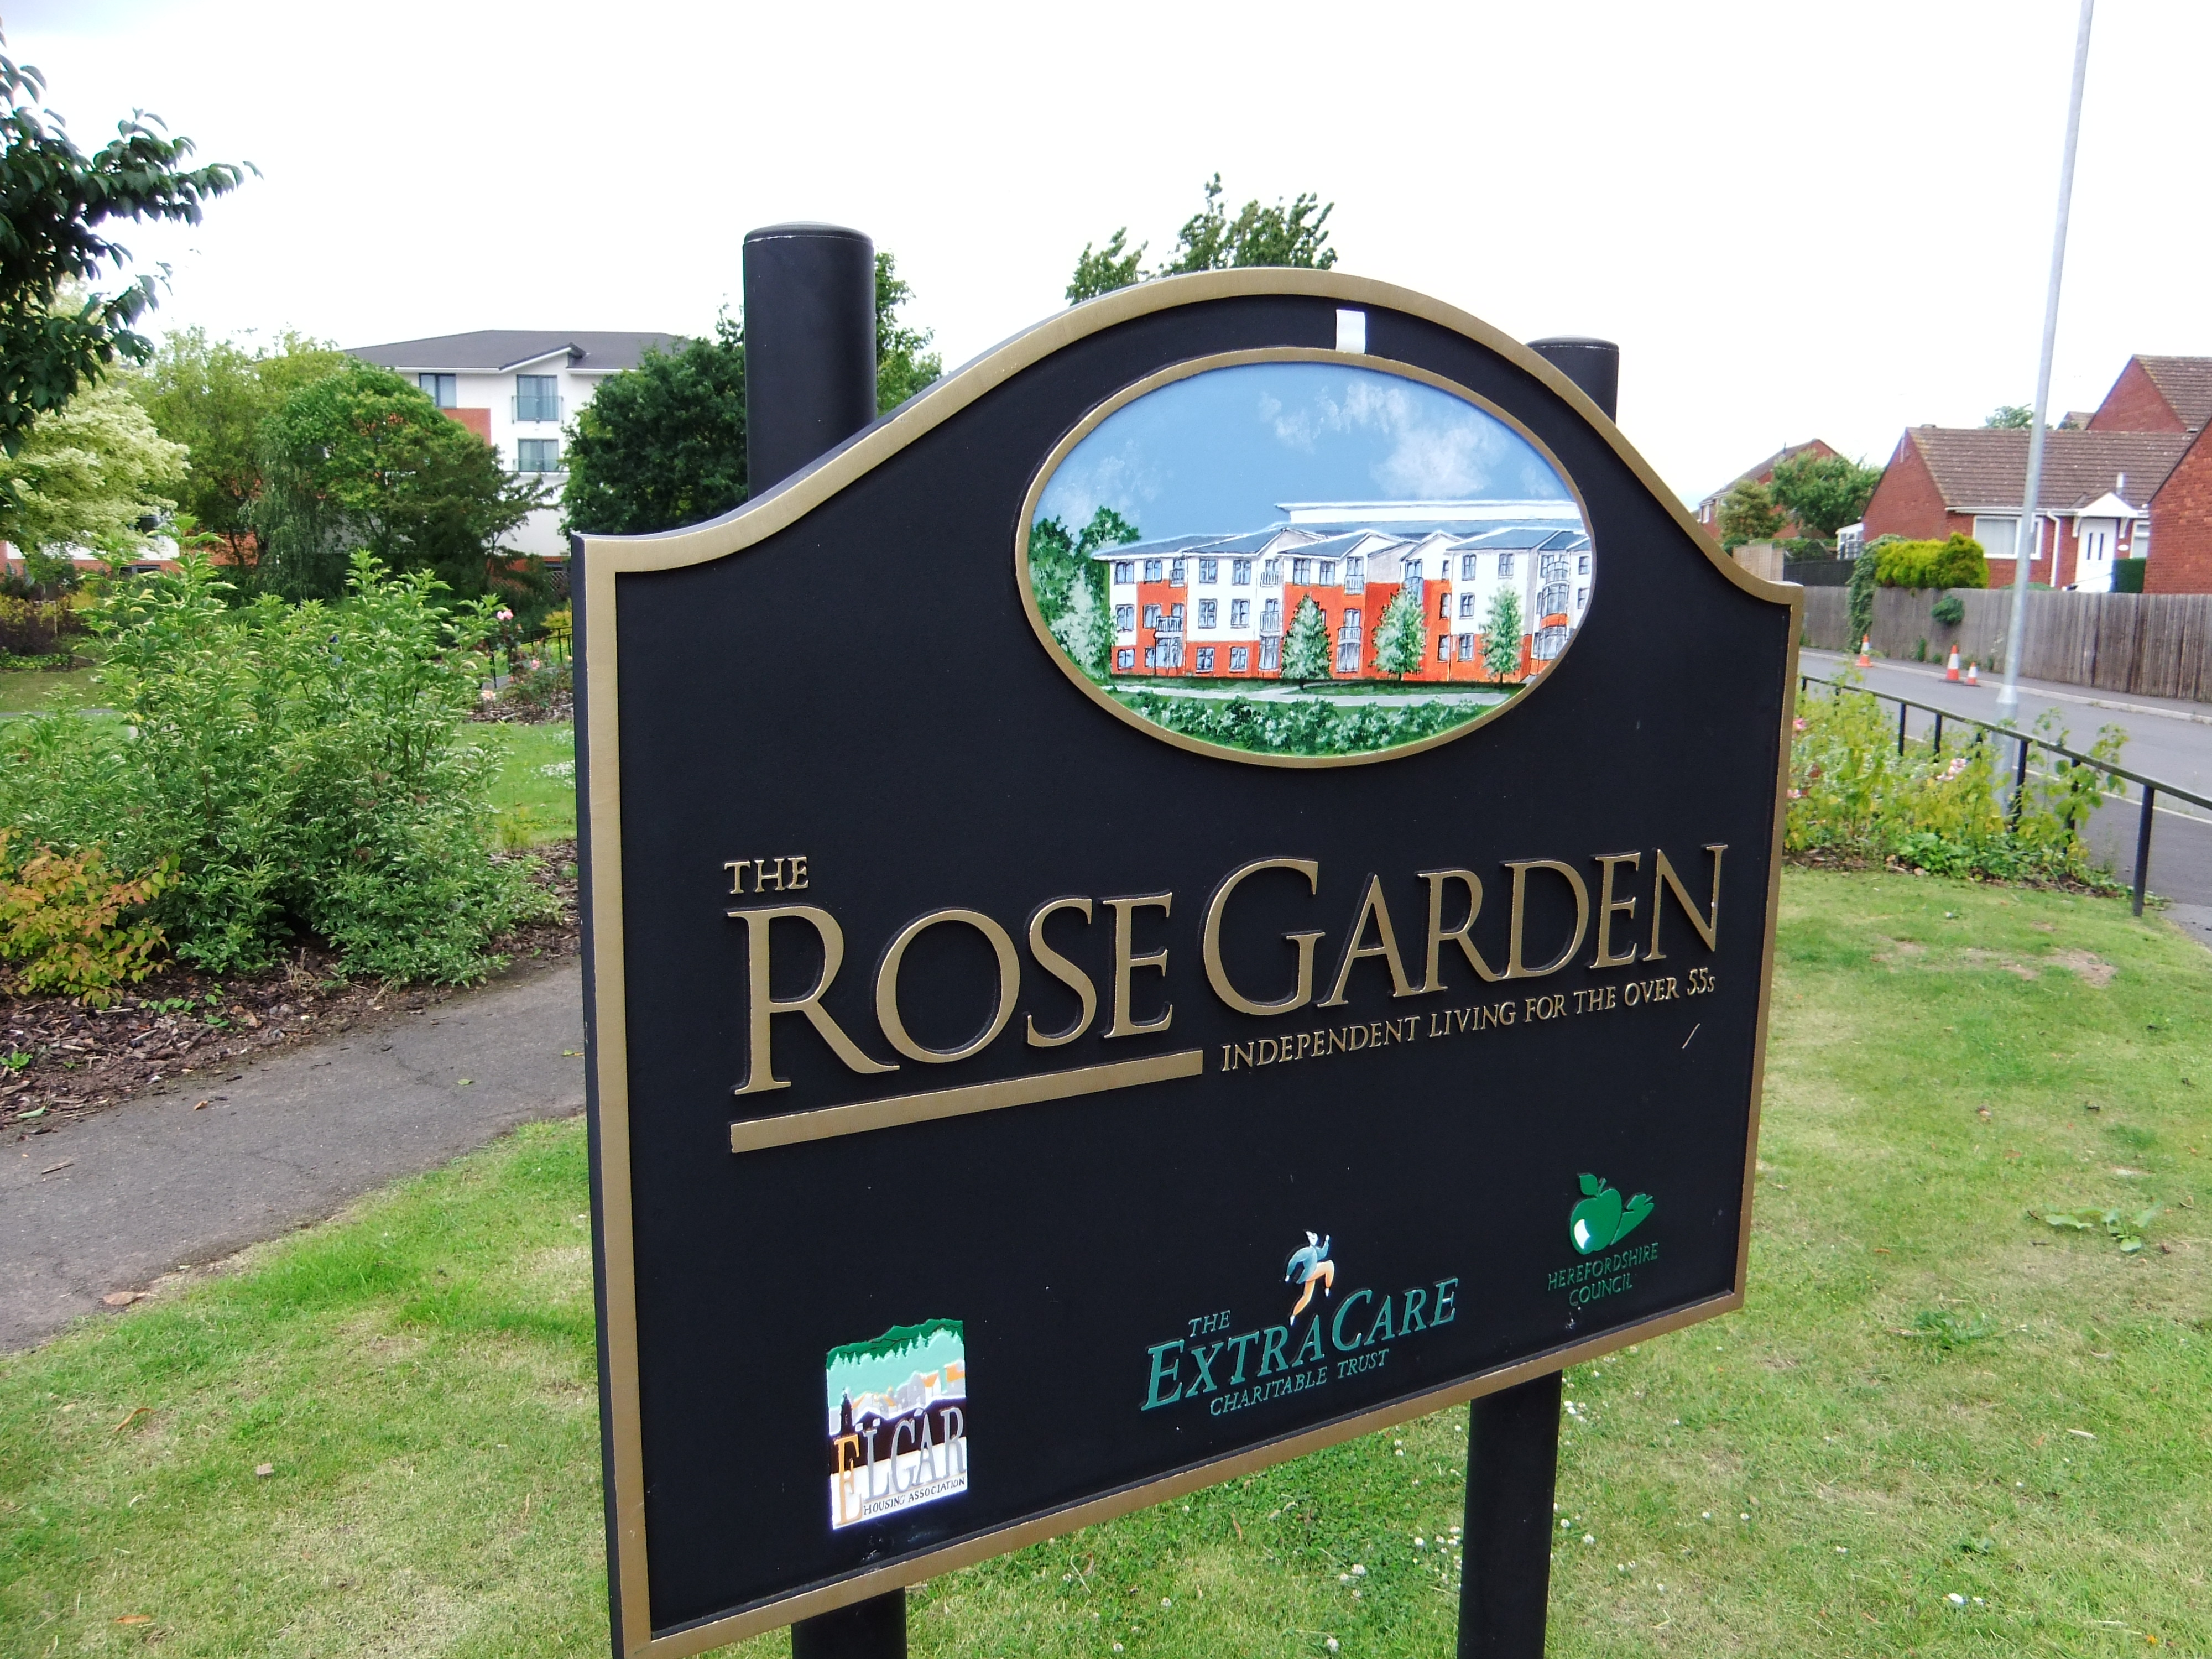 FileThe Rose Garden sign, Hereford   DSCF20.JPG   Wikimedia Commons